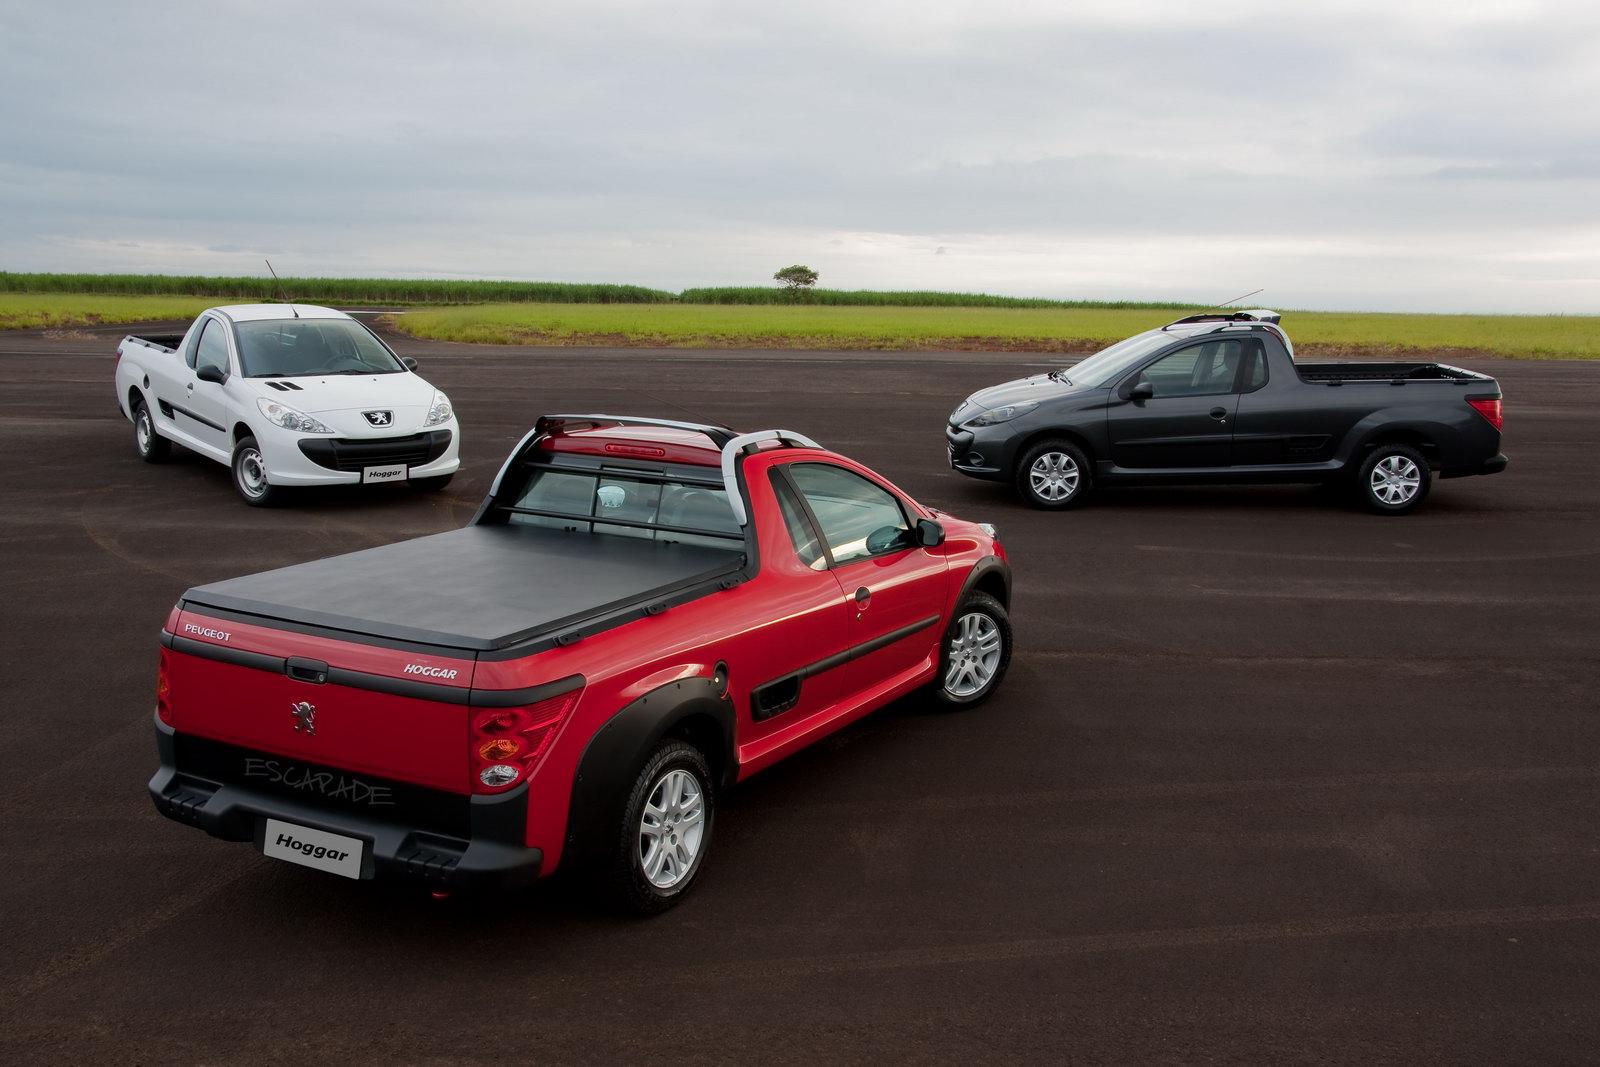 Peugeot Hoggar: Pickup Truck Version of 207 Fully Revealed ...